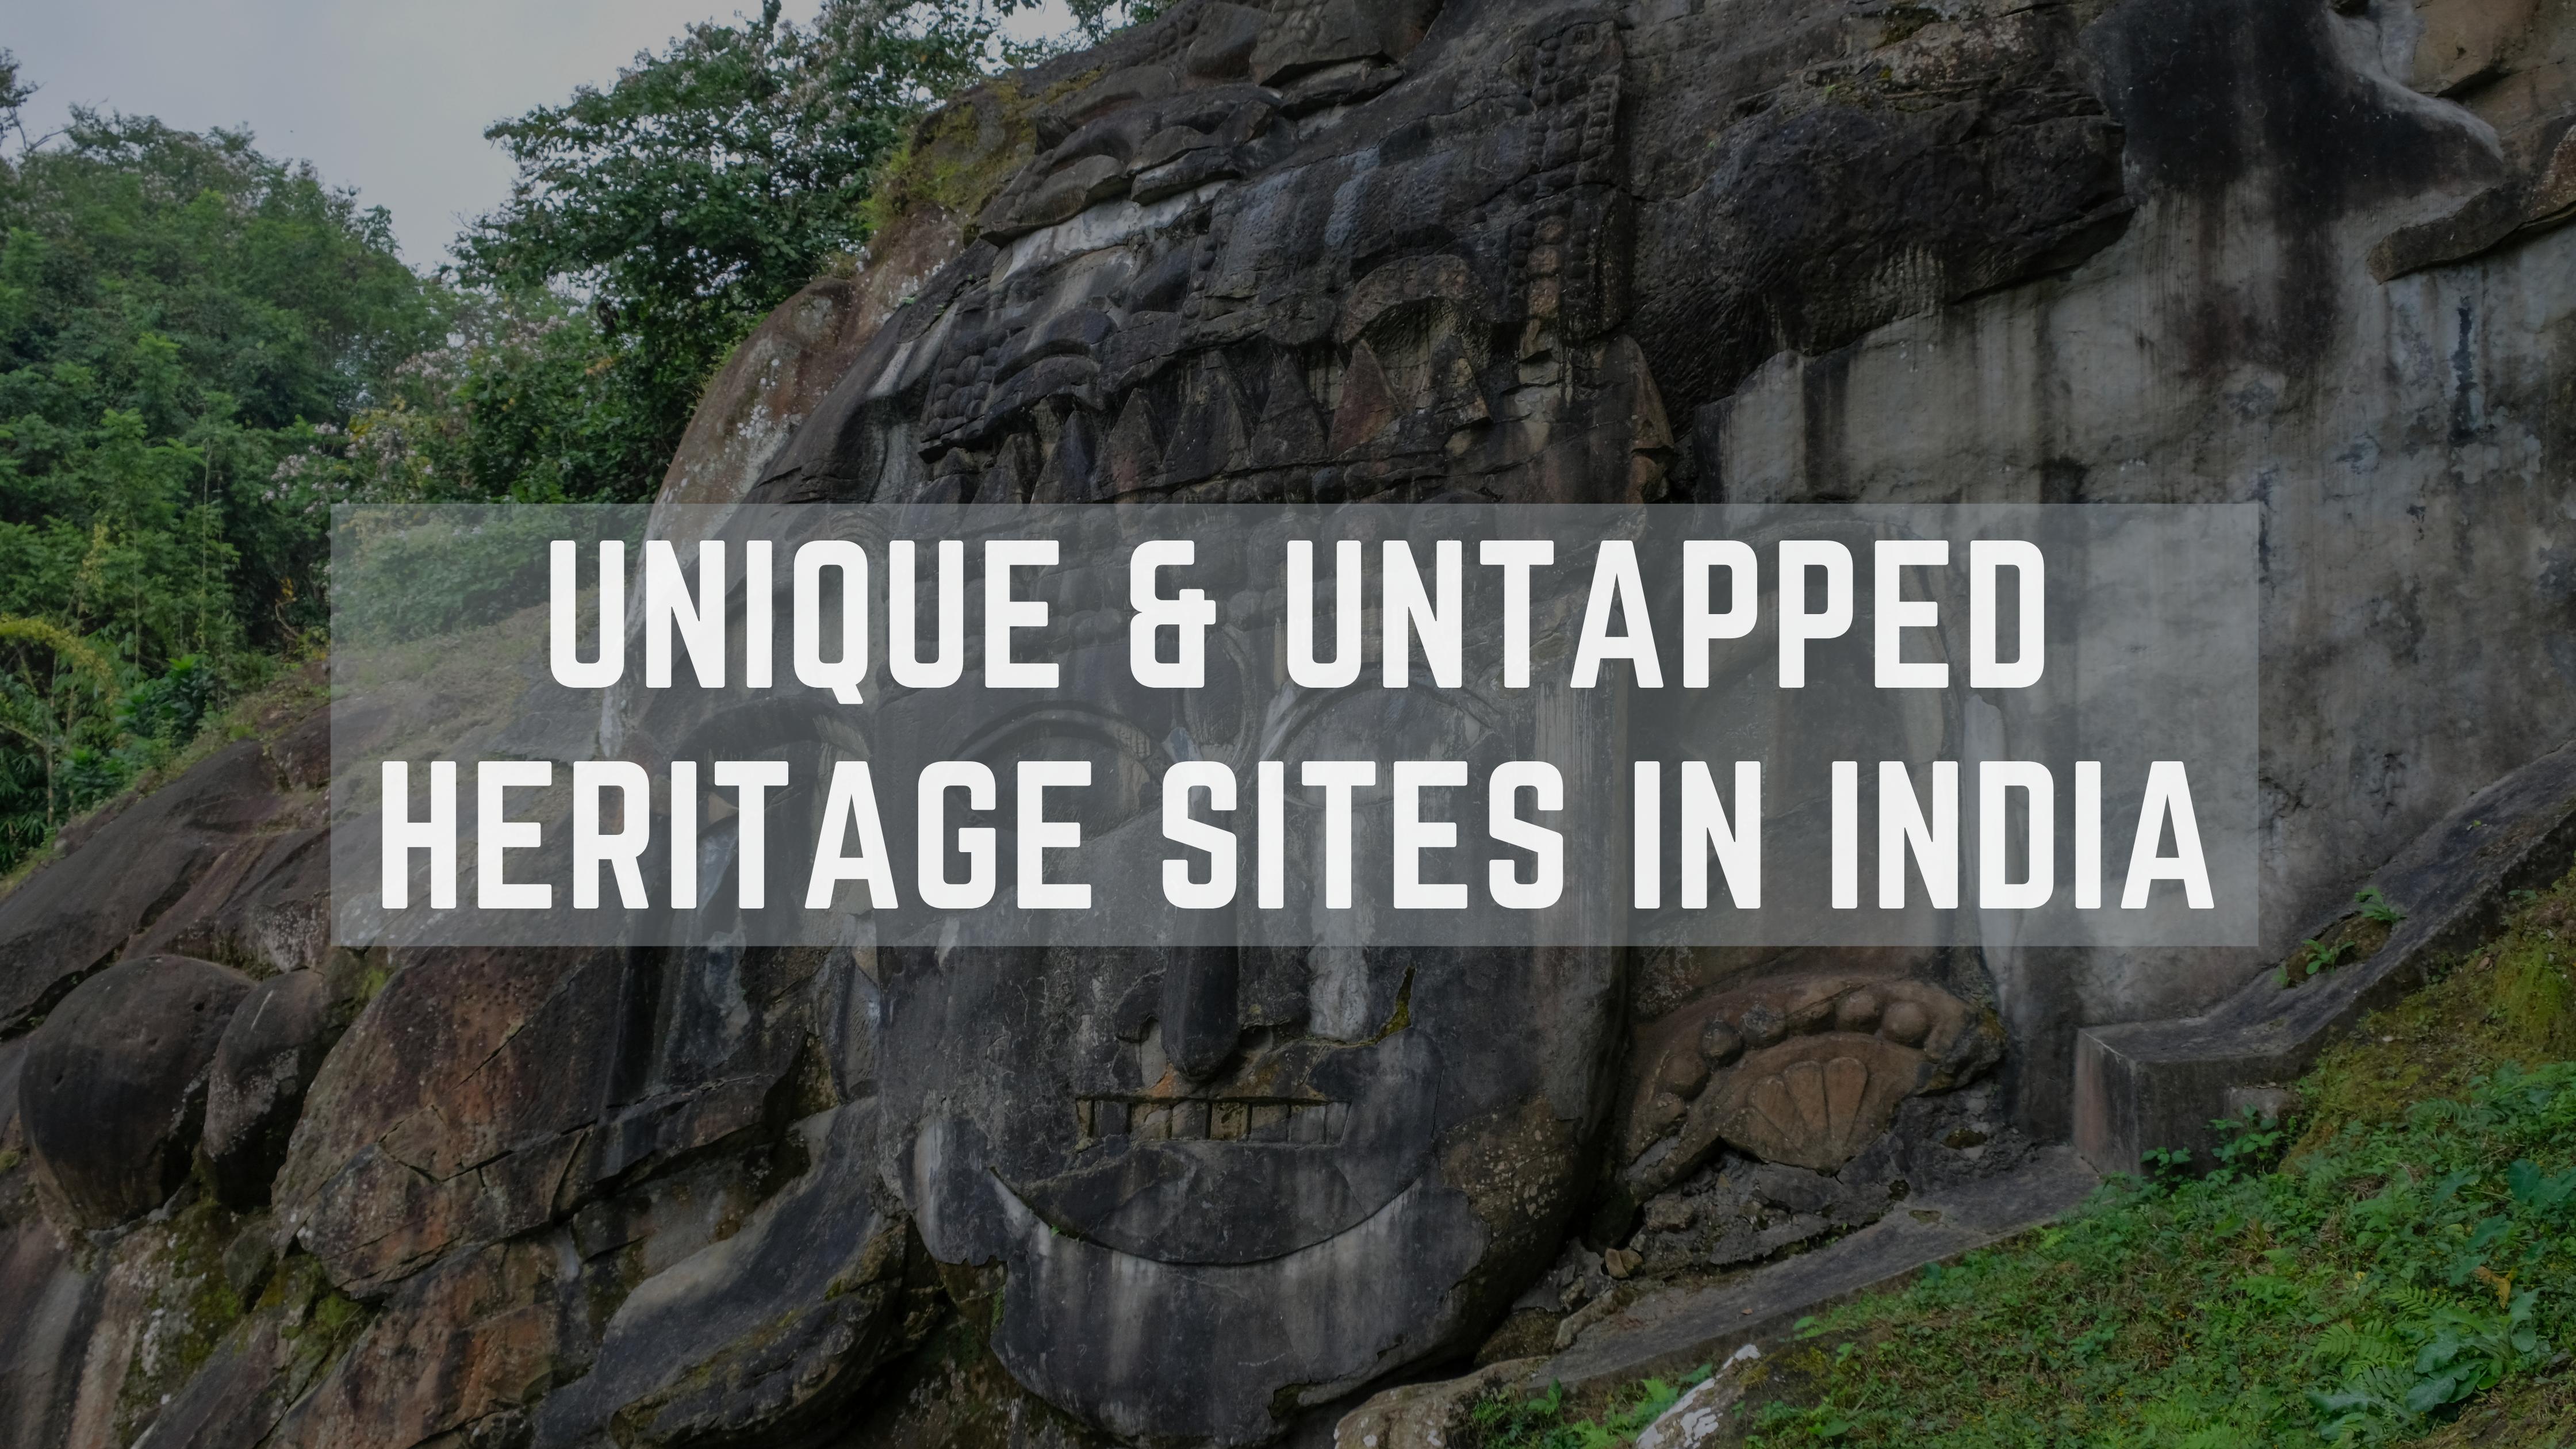 Unique & untapped heritage sites in India